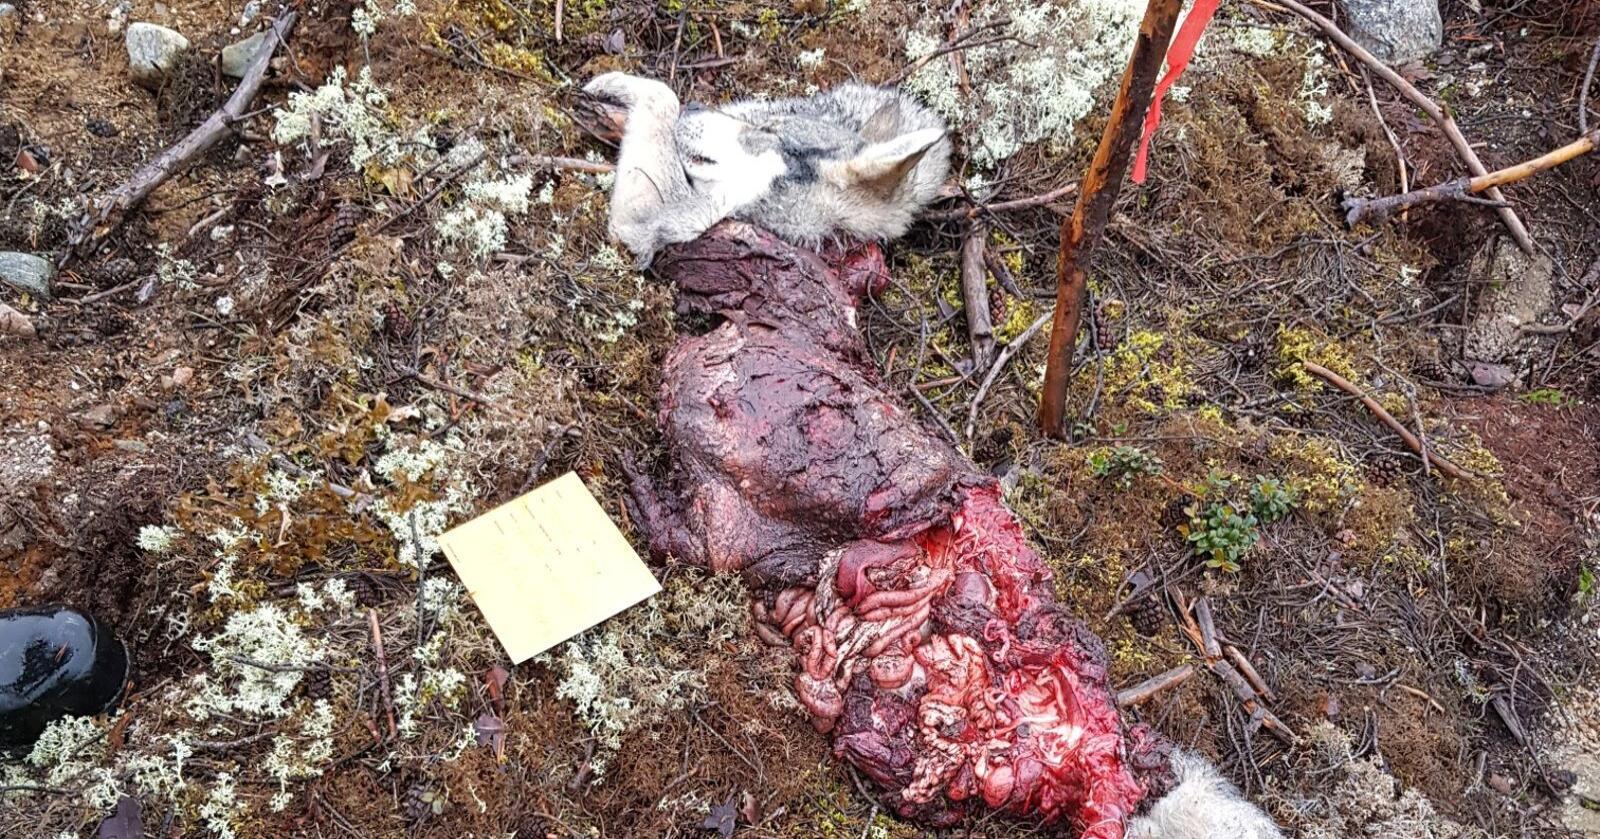 I forbindelse med elgjakta ble en tre år gammel jakthund drept i skogene utenfor Homna i Hälsingland i Sverige. Foto: Länsstyrelsen